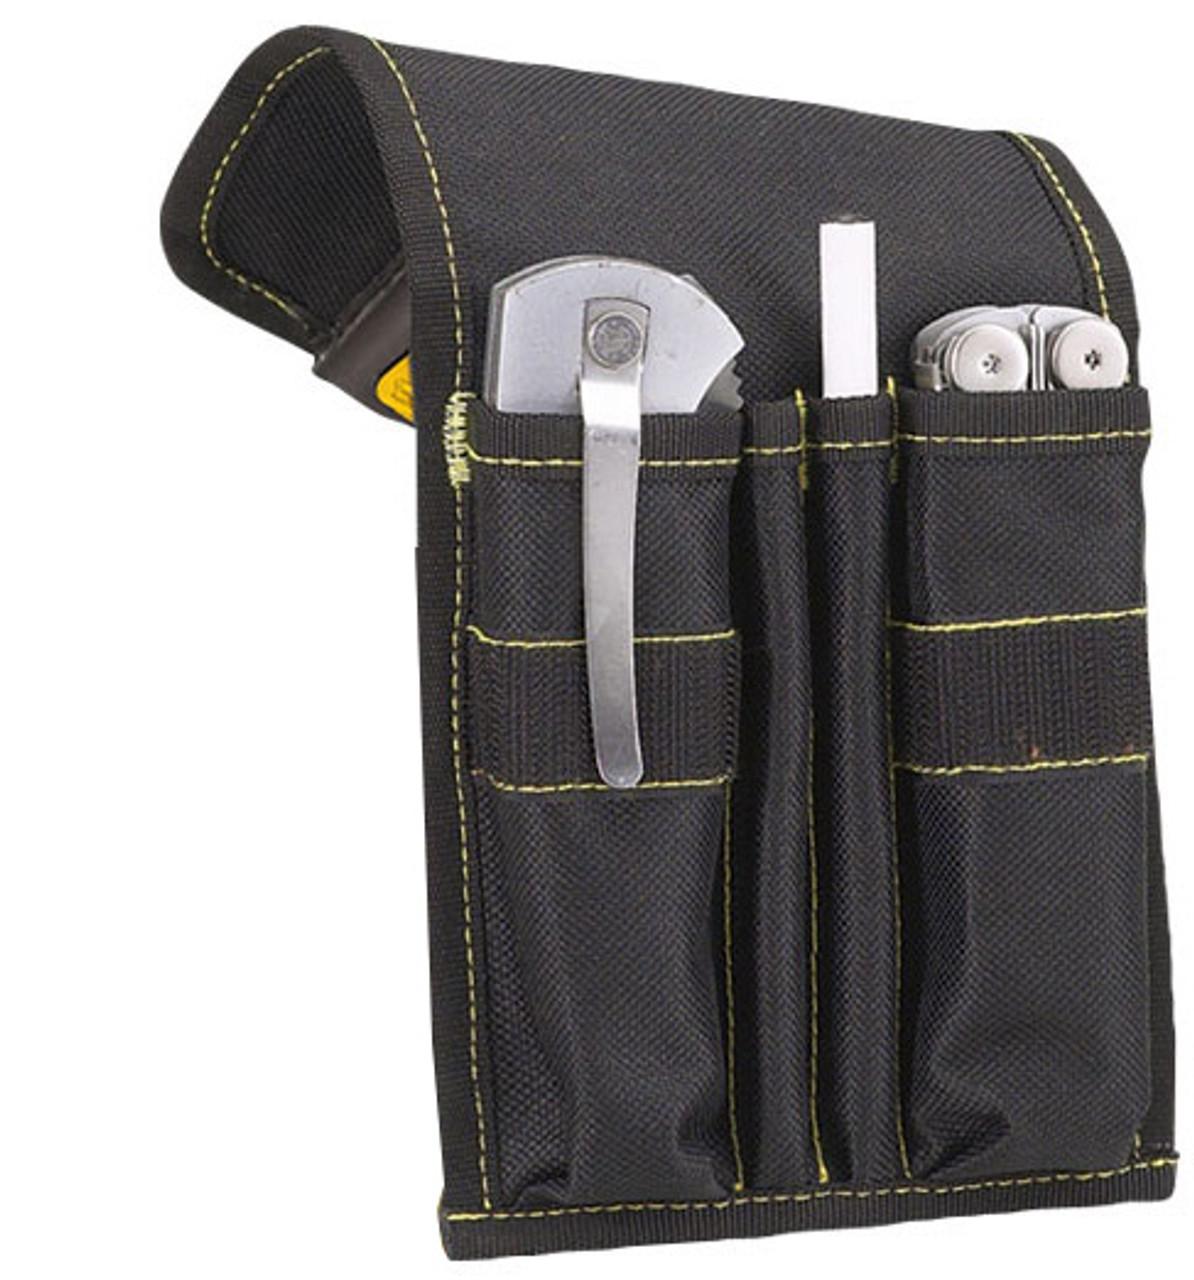 Setwear Light Pouch w/ 2 Pockets